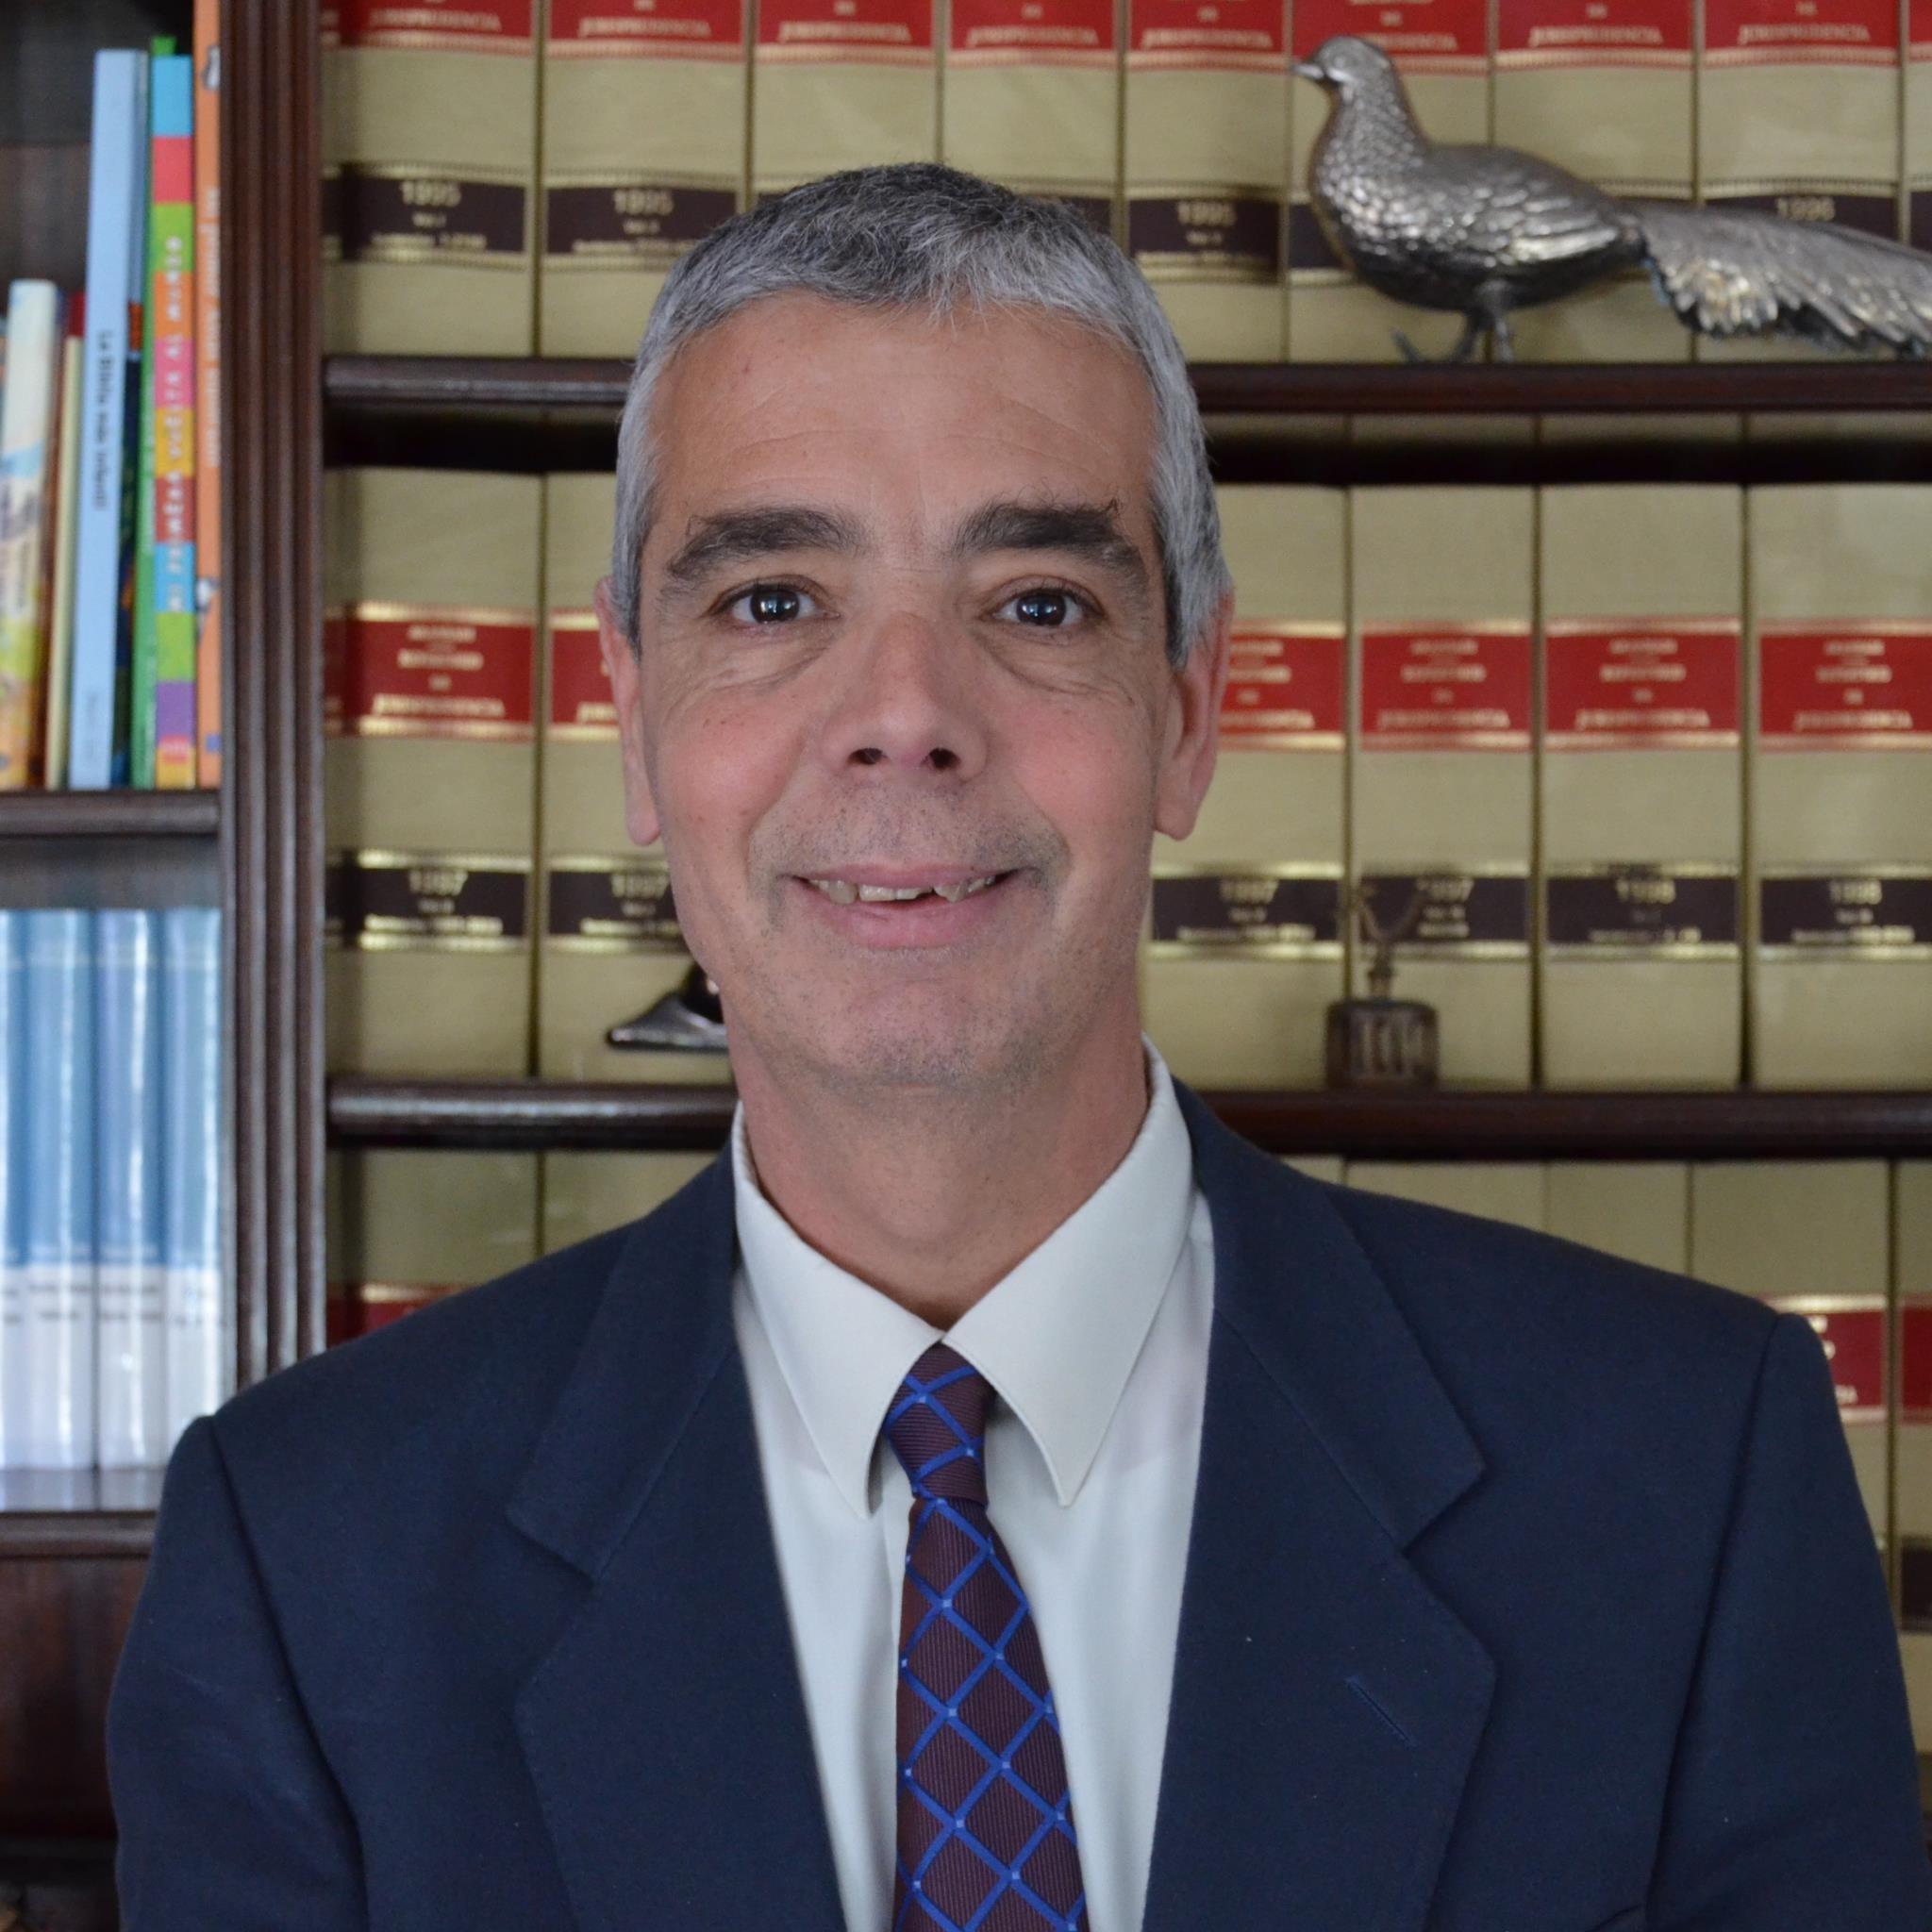 Adolfo Reyes Sanchez